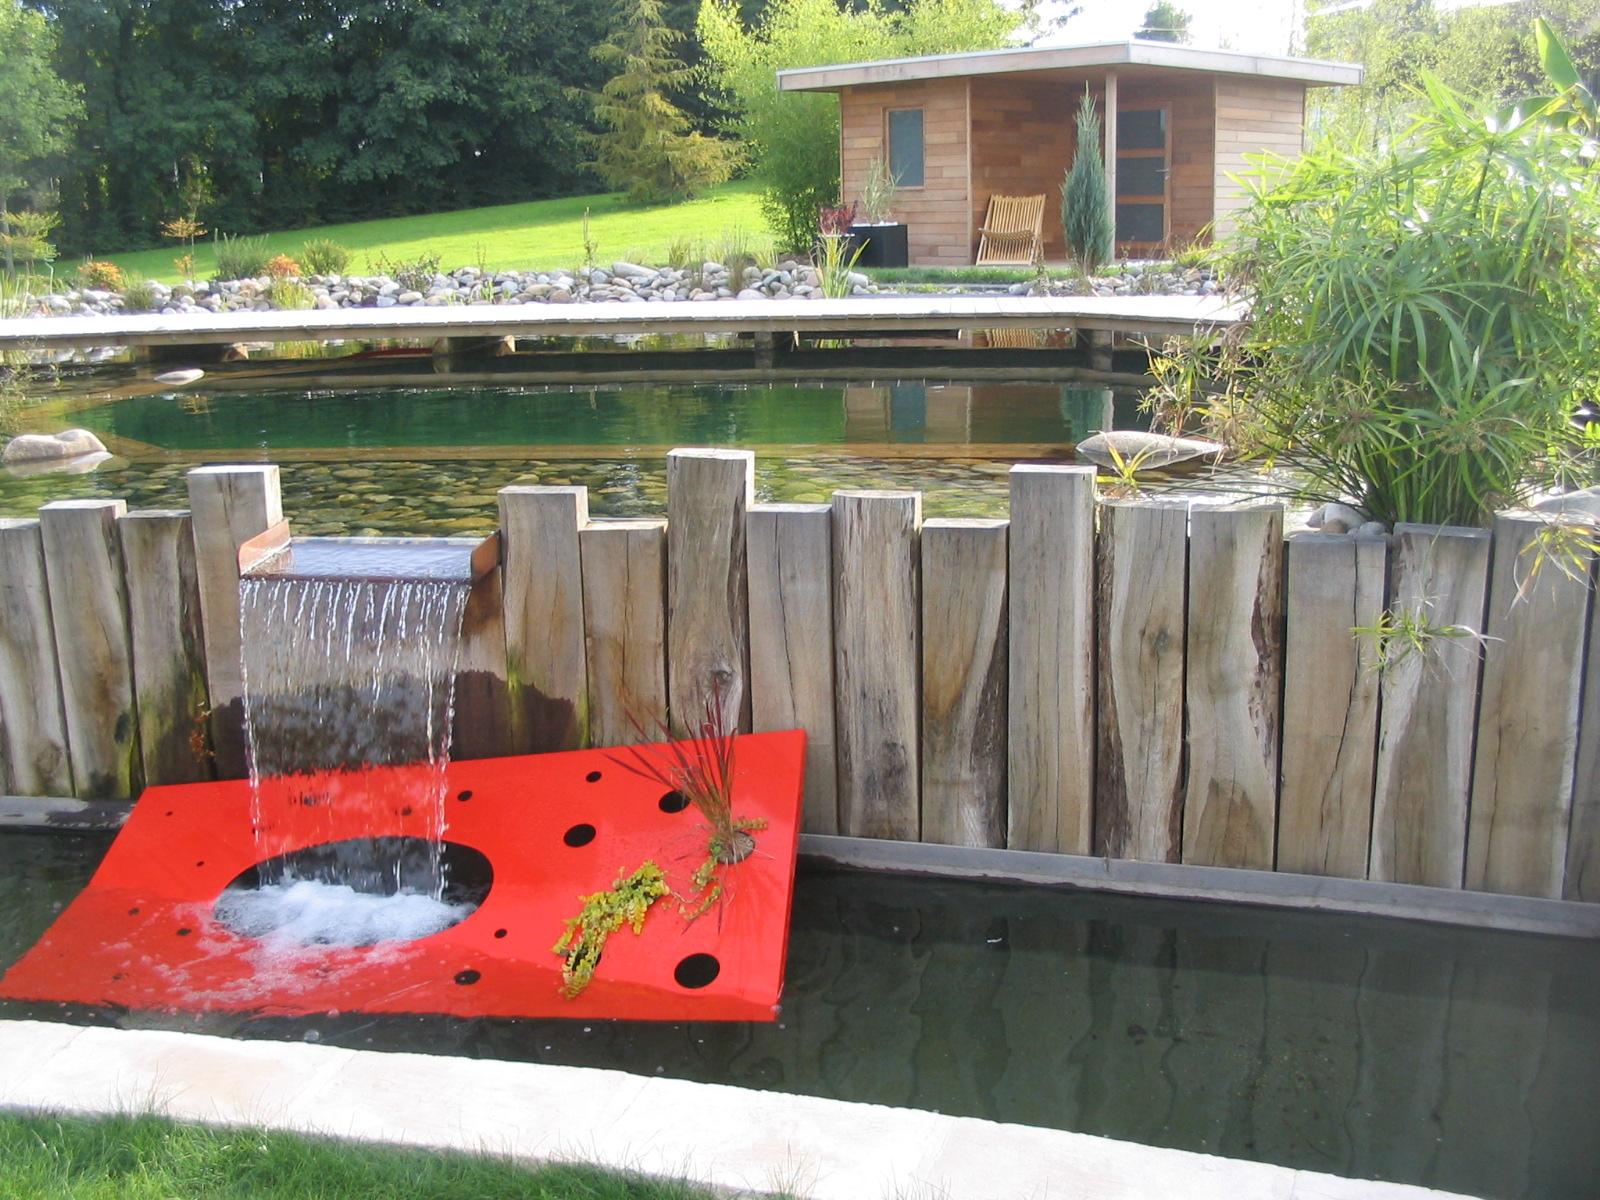 Bassins avec lame d'eau